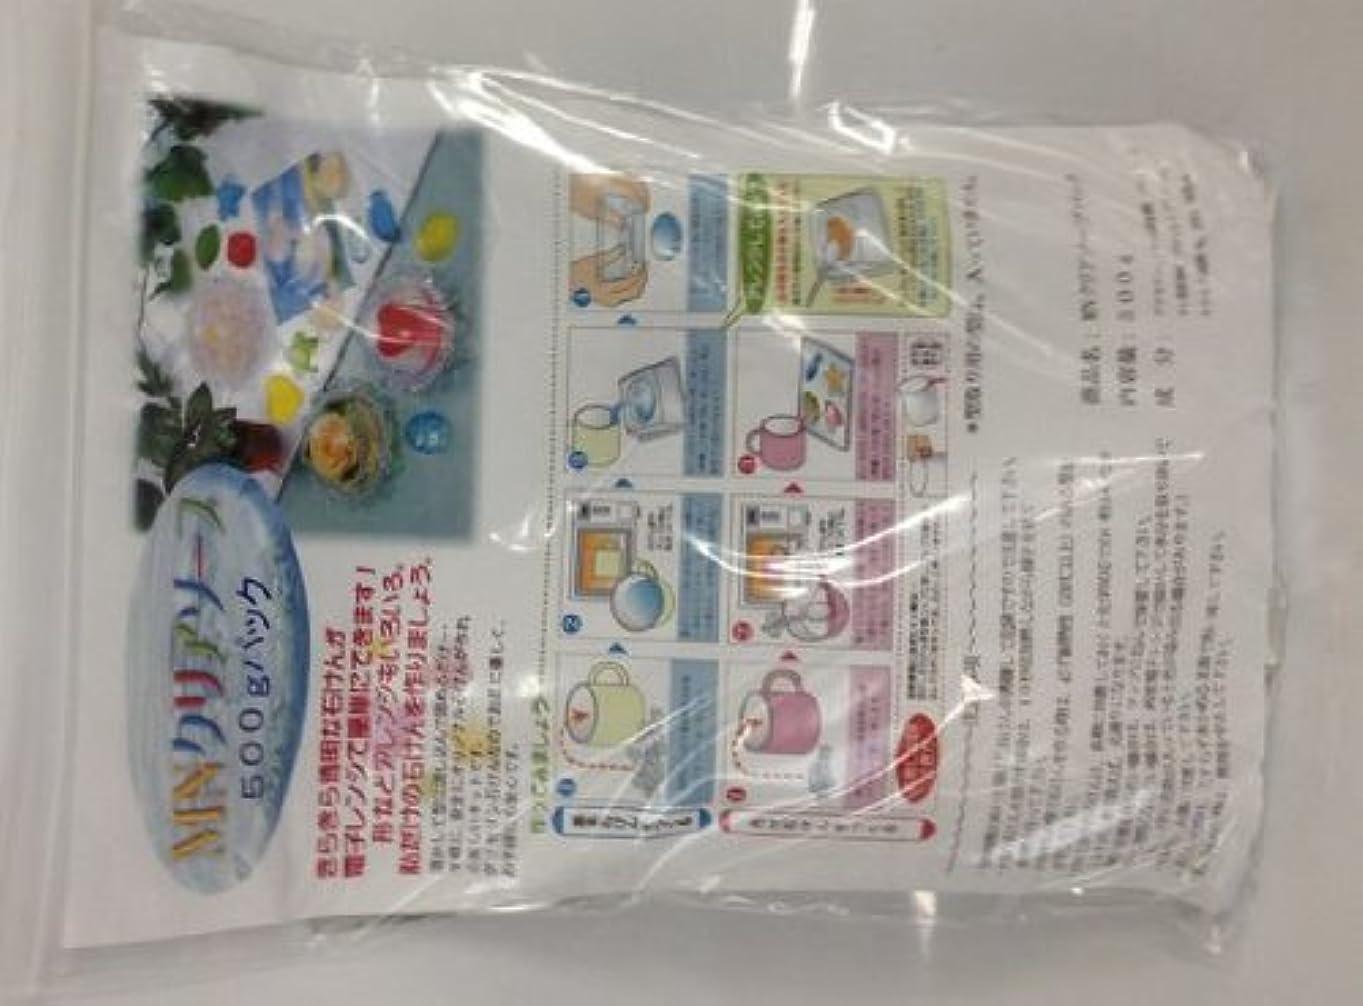 メッセージブラシ音手作り石鹸キット クリアソープ単品500g(お得な補充用)